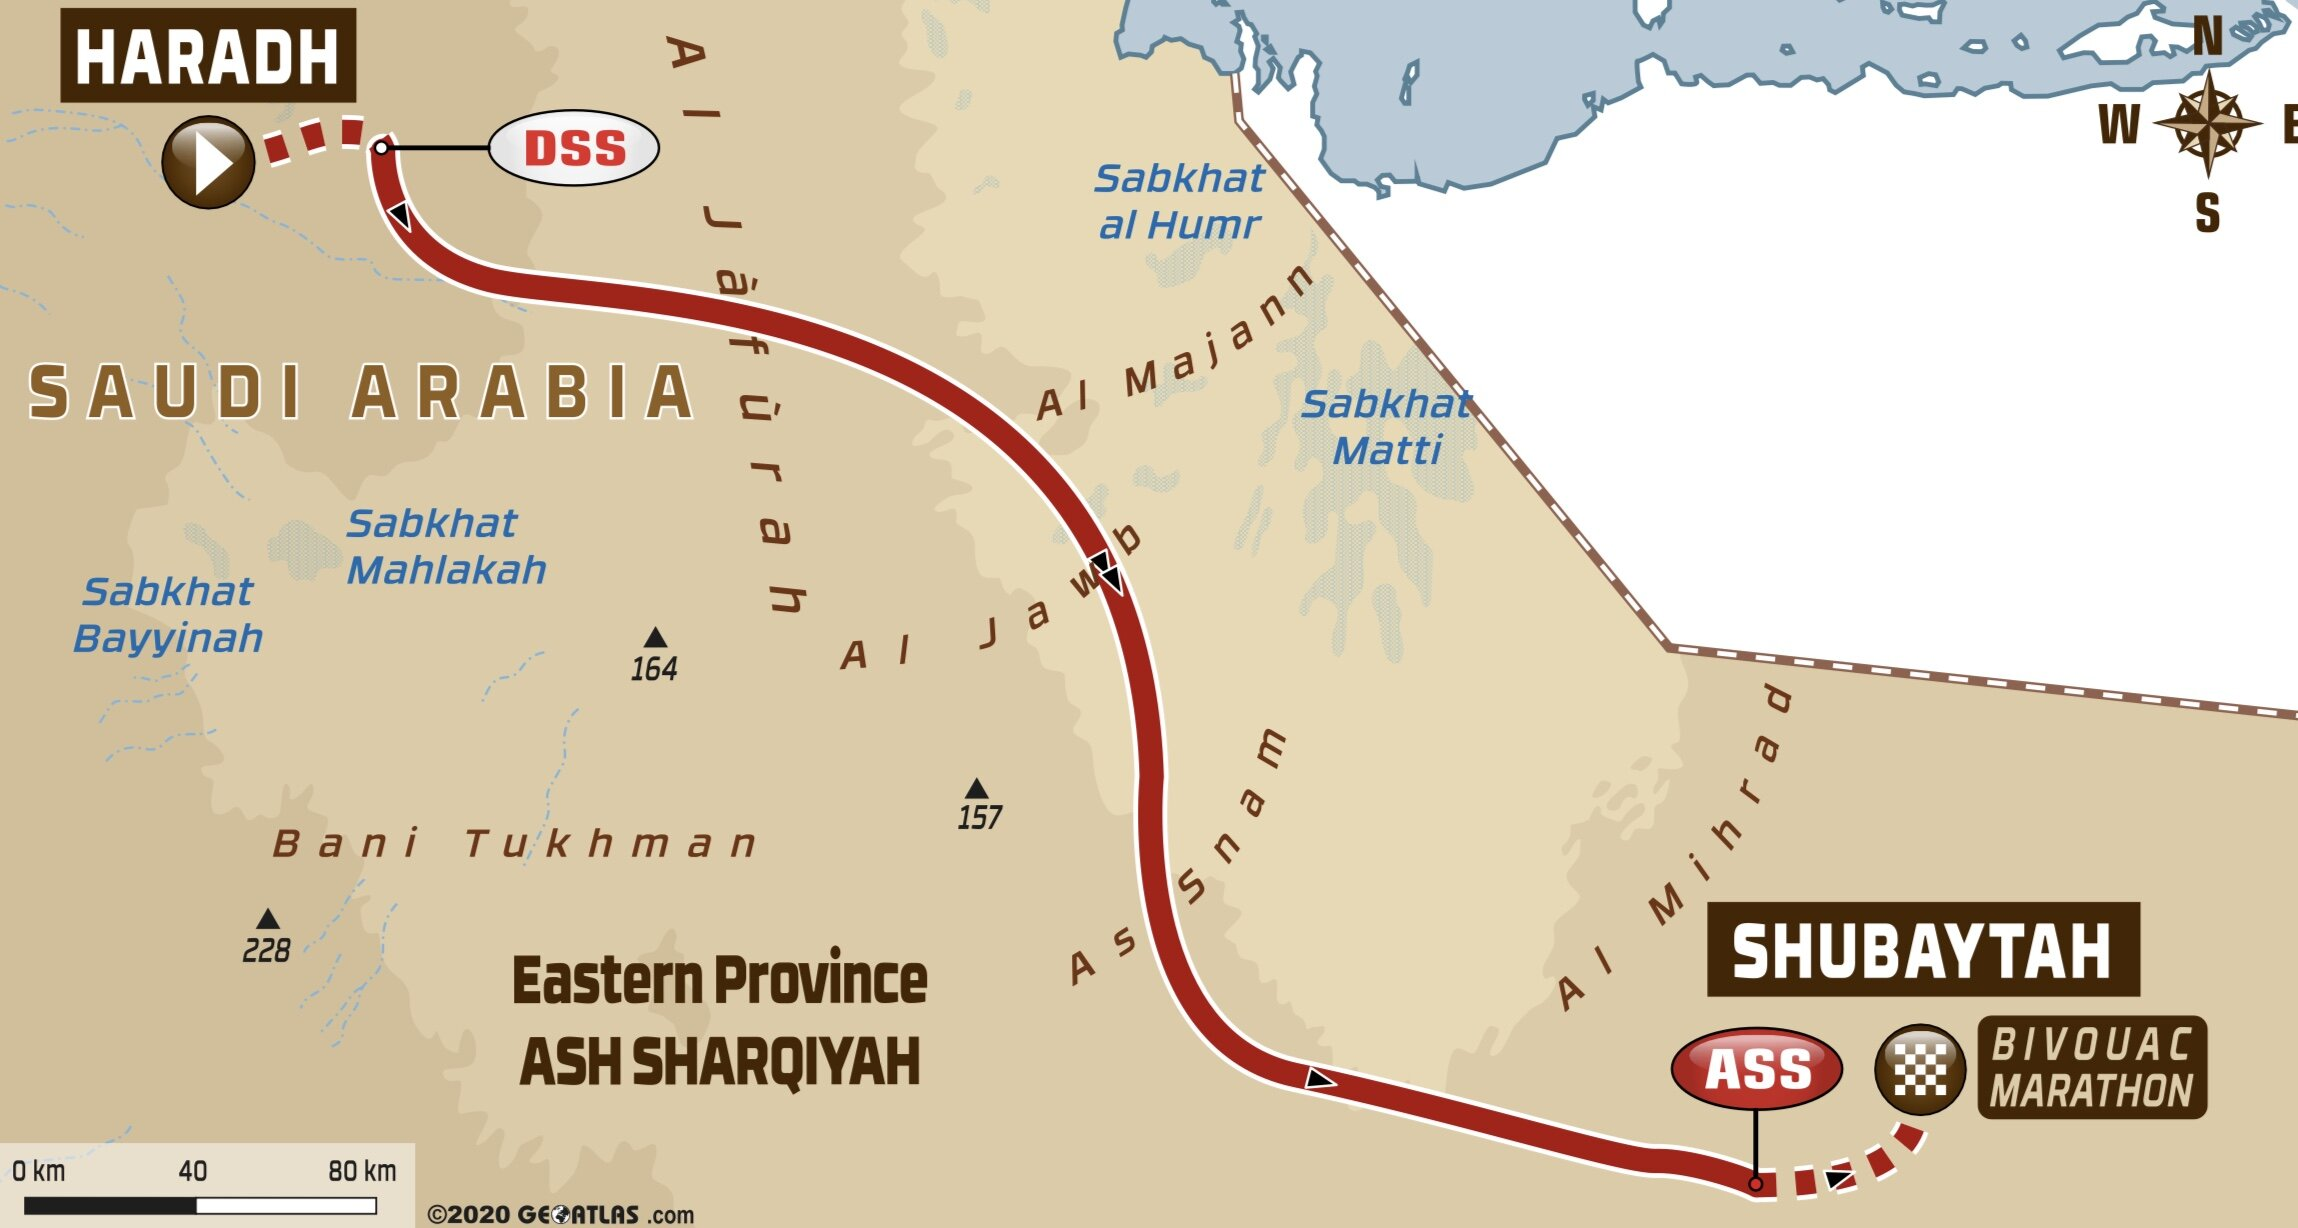 DAKAR 2020 ADVENTURE | STAGE 10 - HARADH TO SHUBAYTAH ... on paris-dakar route map, rally usa map, 2014 dakar rally raid map, rallye de dakar map, dakar world maps, dakar on facebook, dakar africa, dakar map island, songhai tribes map,